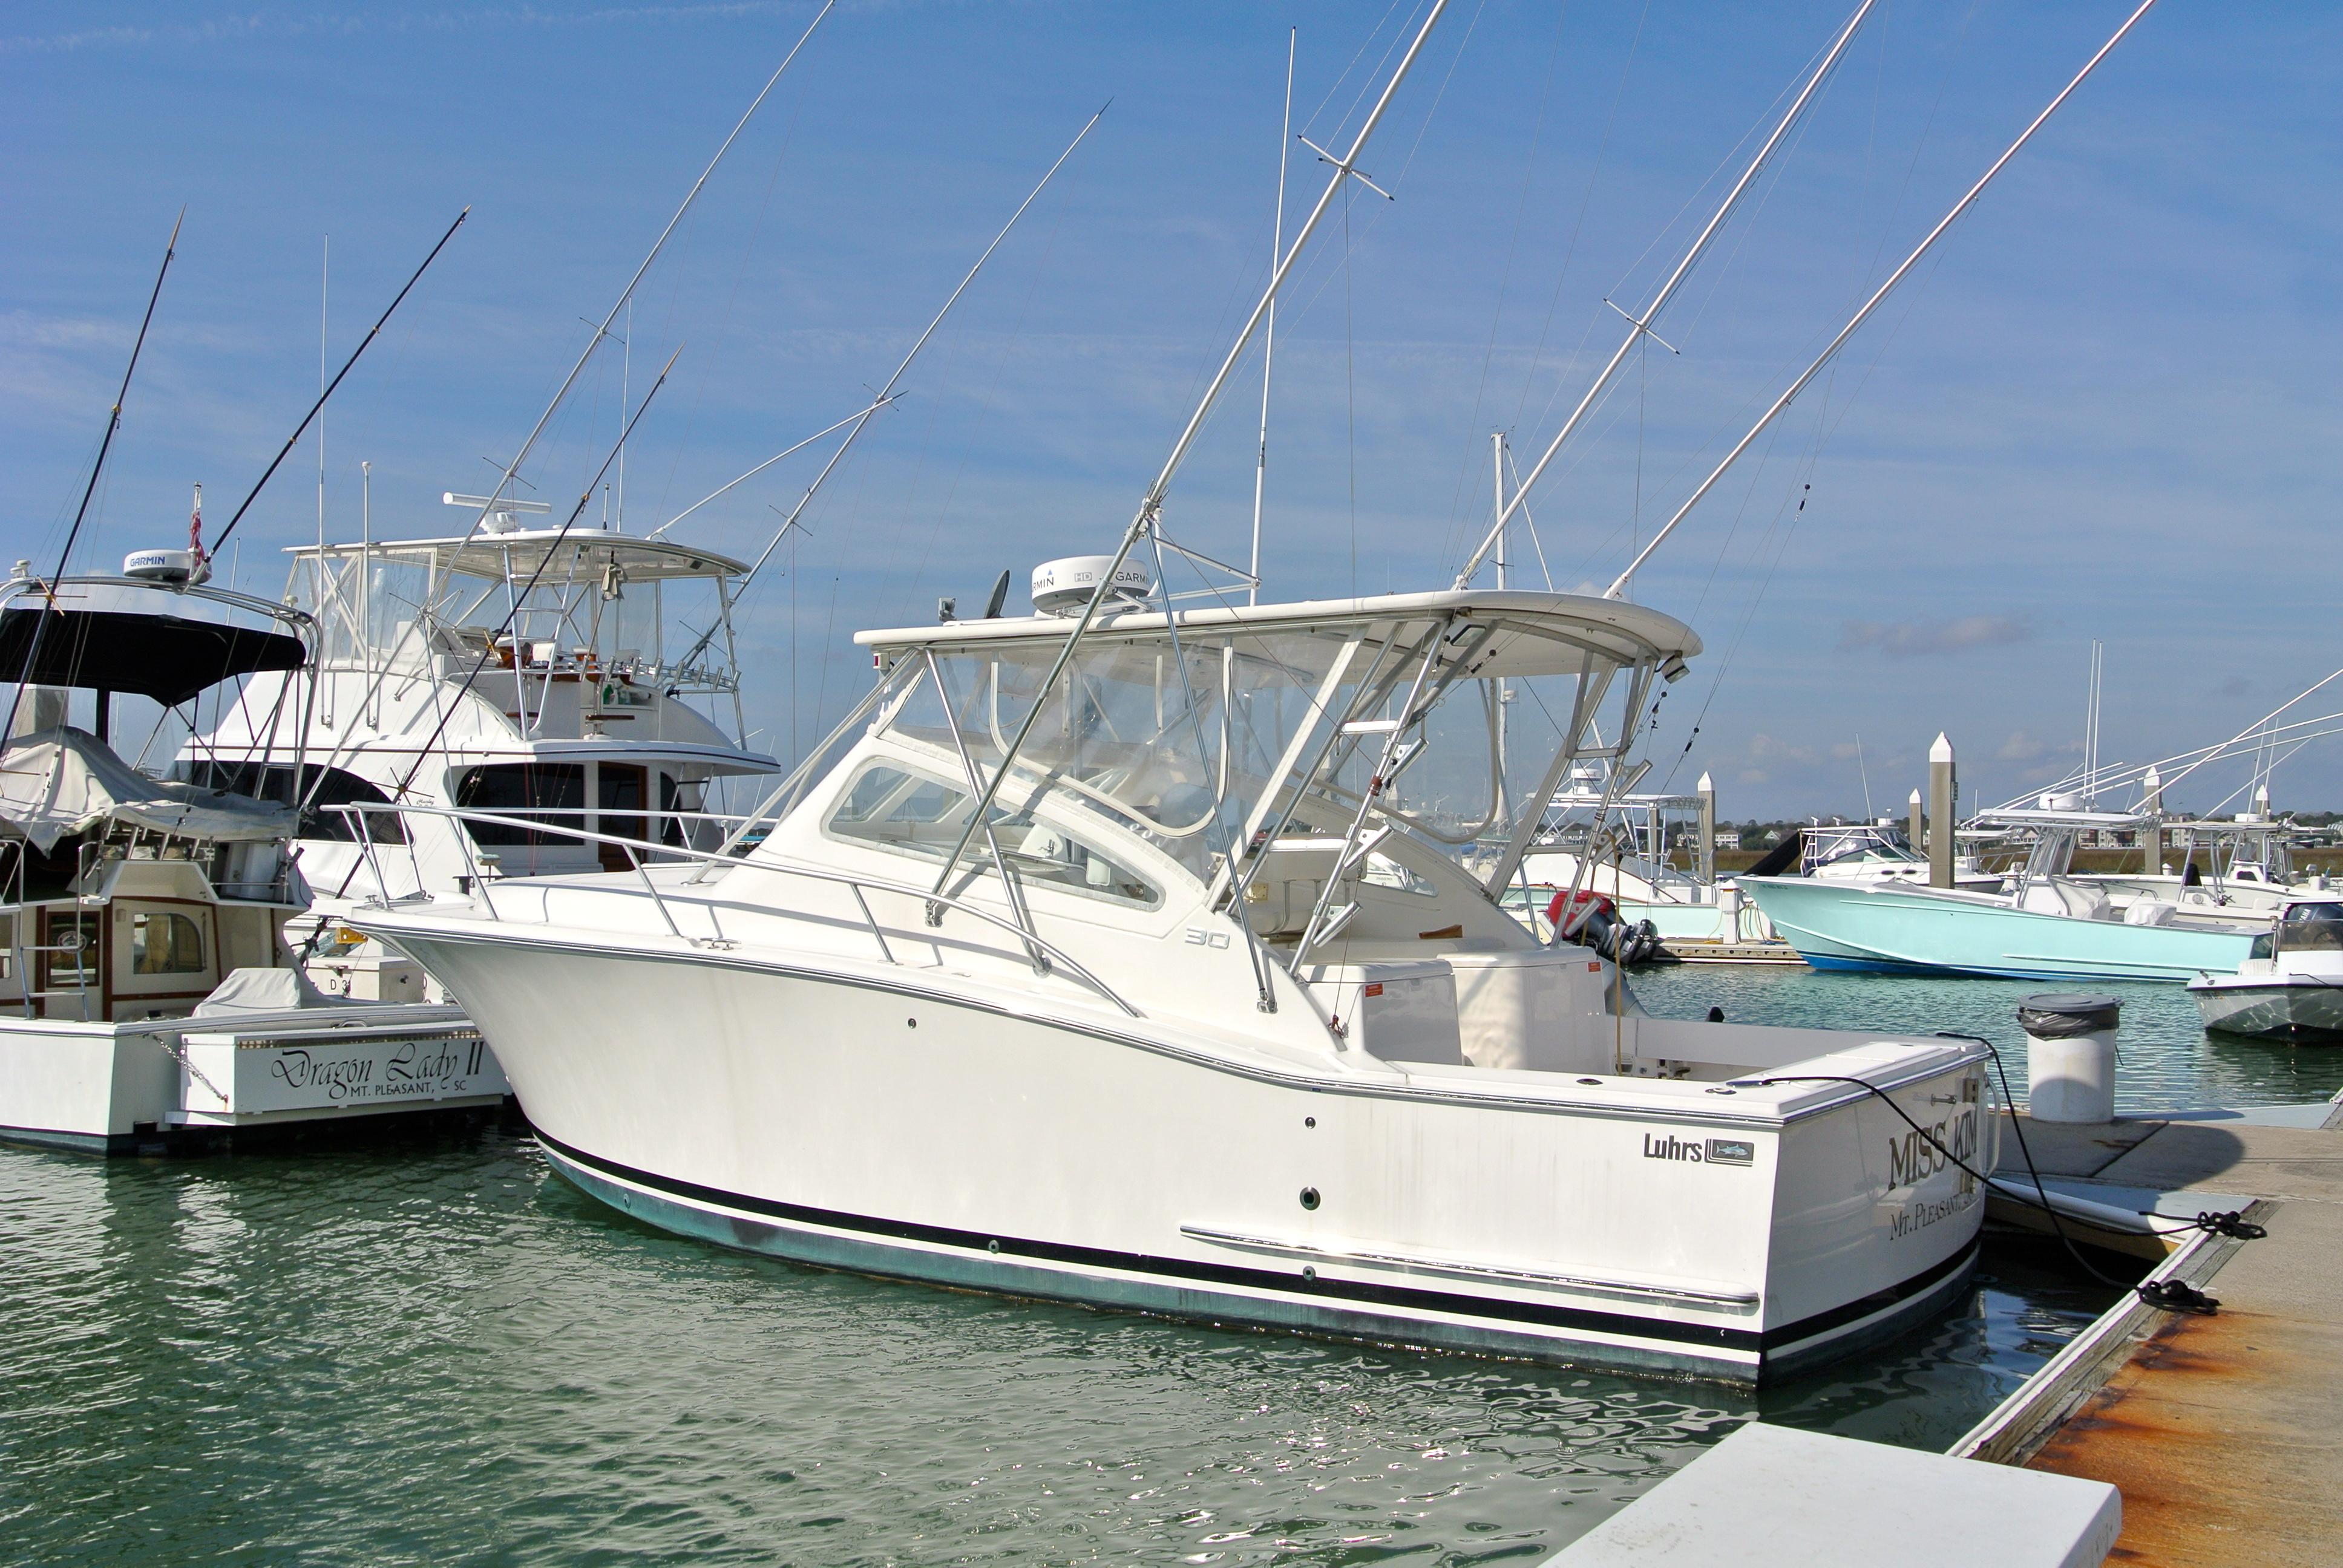 Dave O's Boat